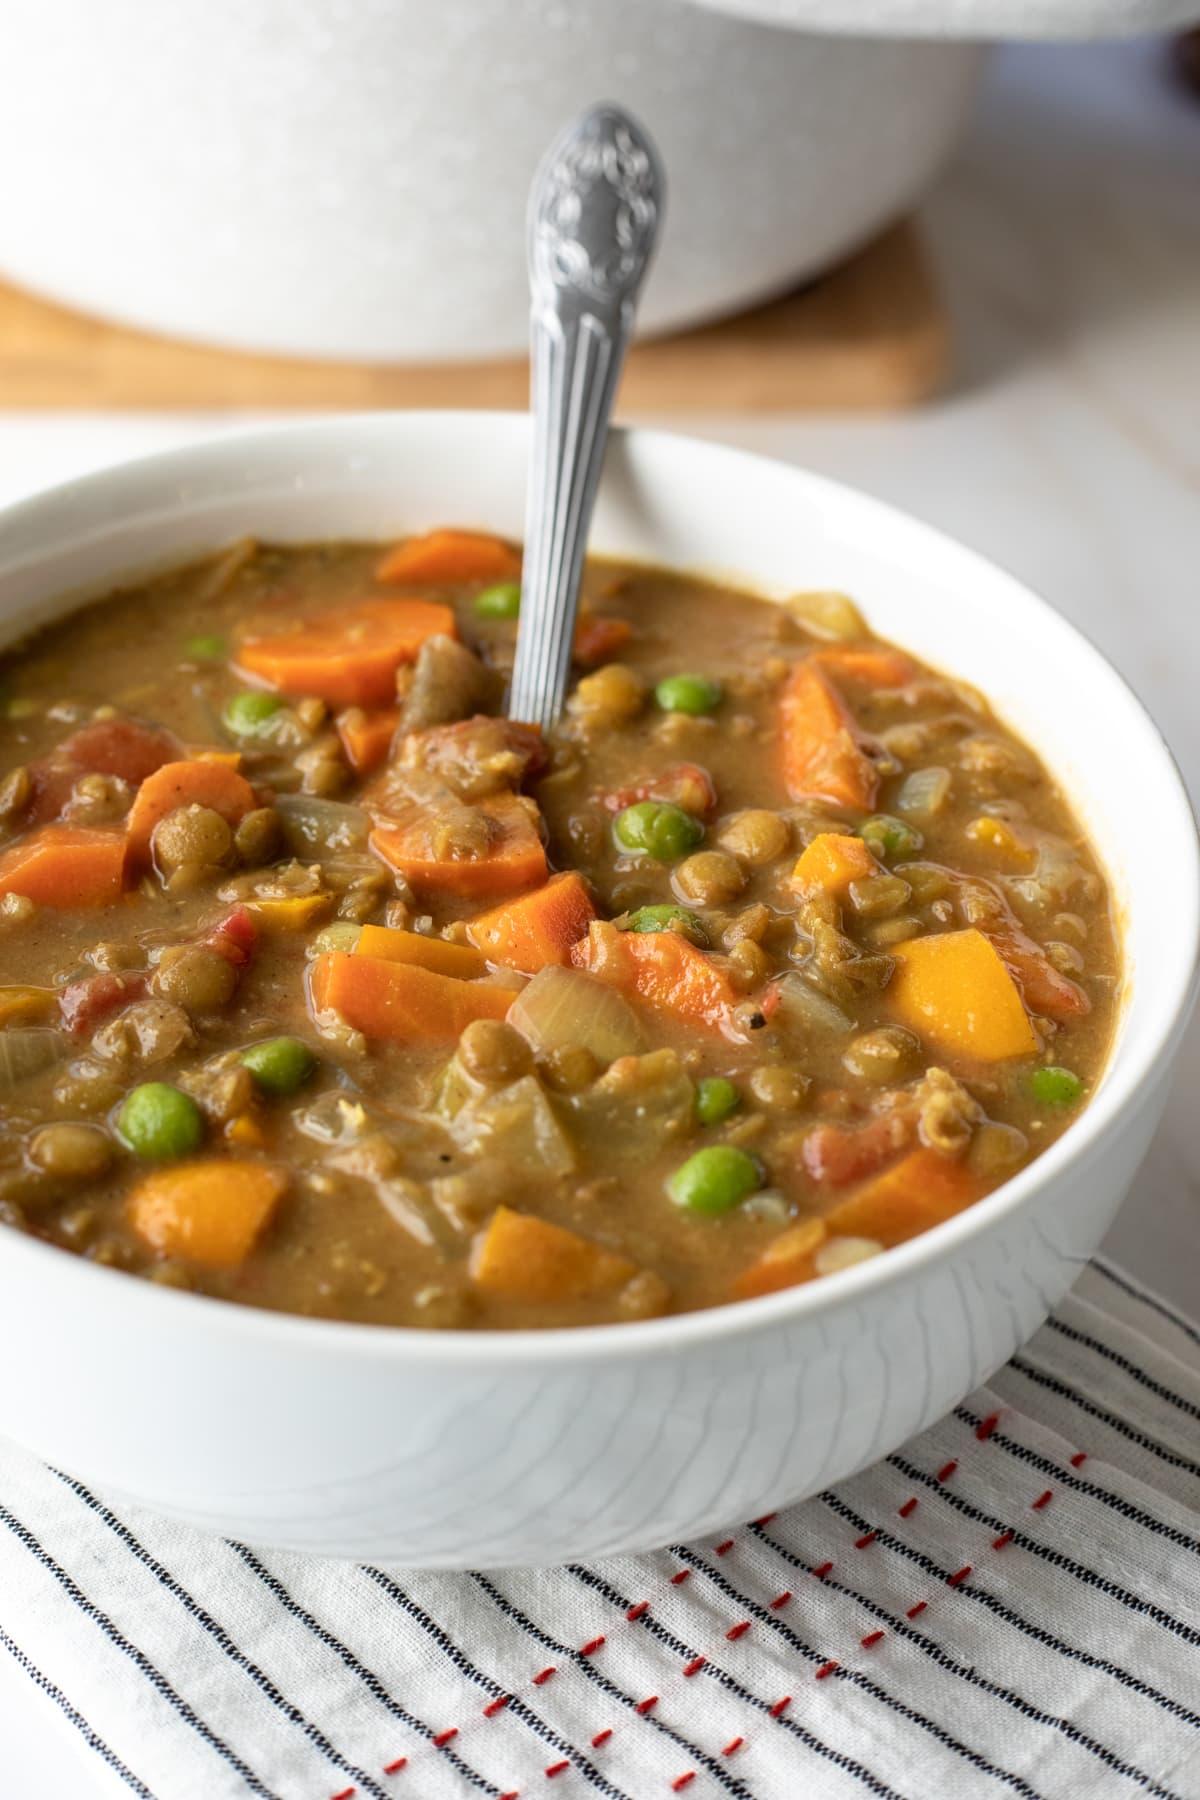 bowl of creamy peanut lentil soup